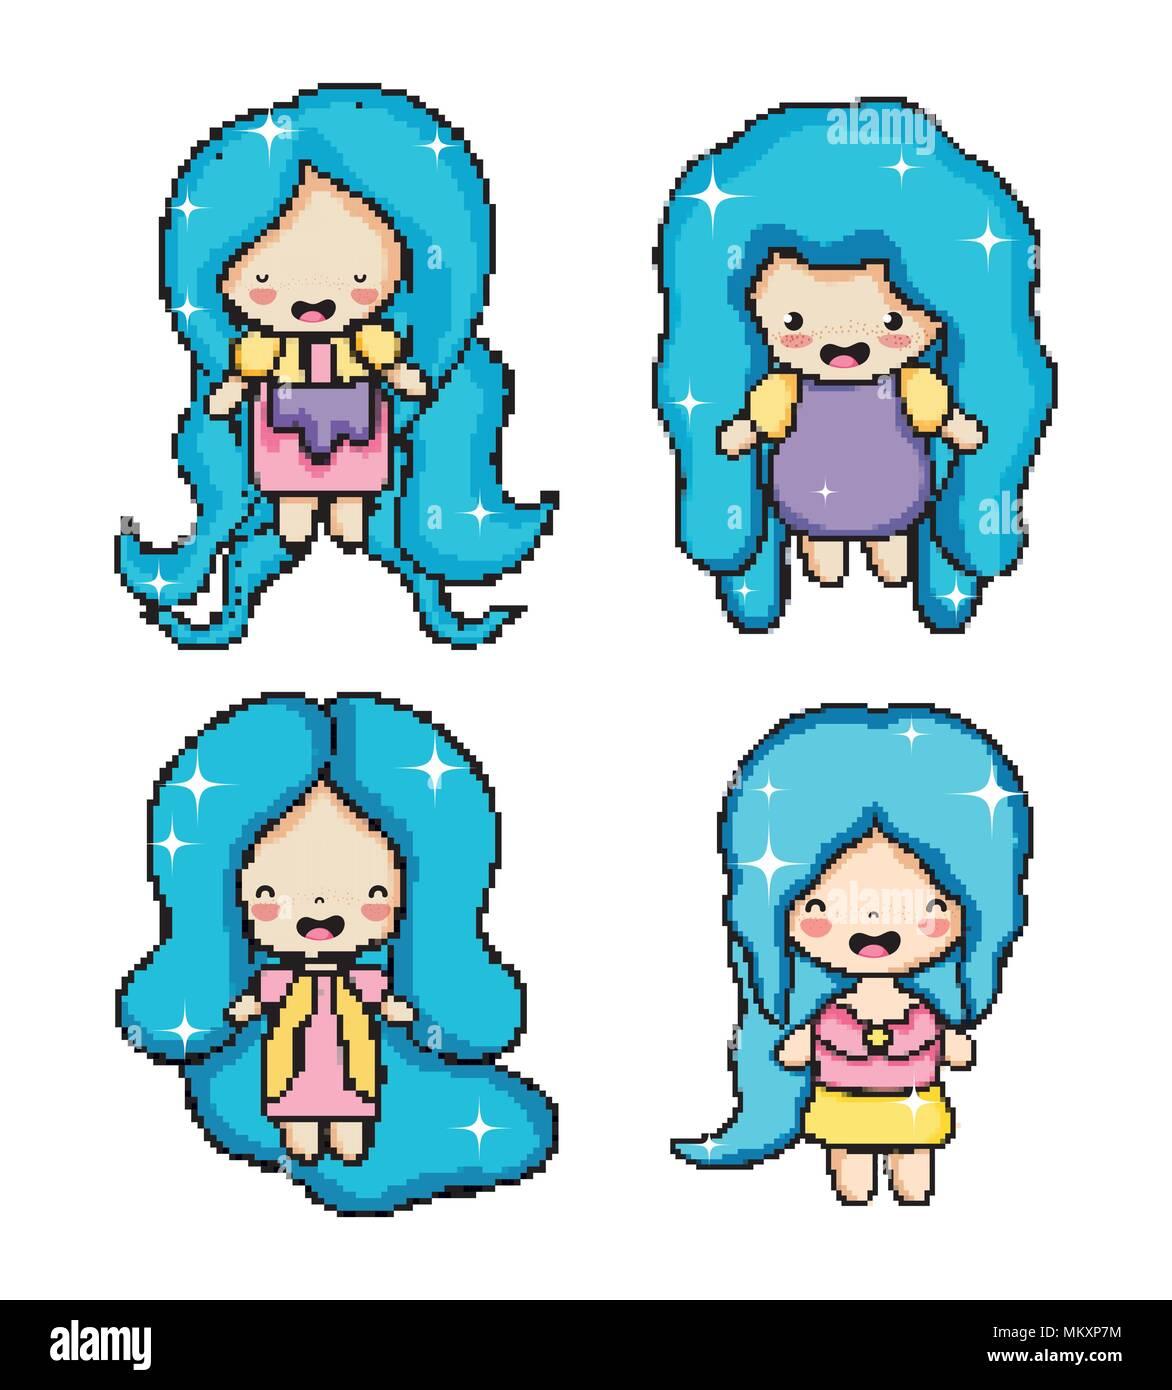 Pixel Art Cute Girl Vecteurs Et Illustration Image